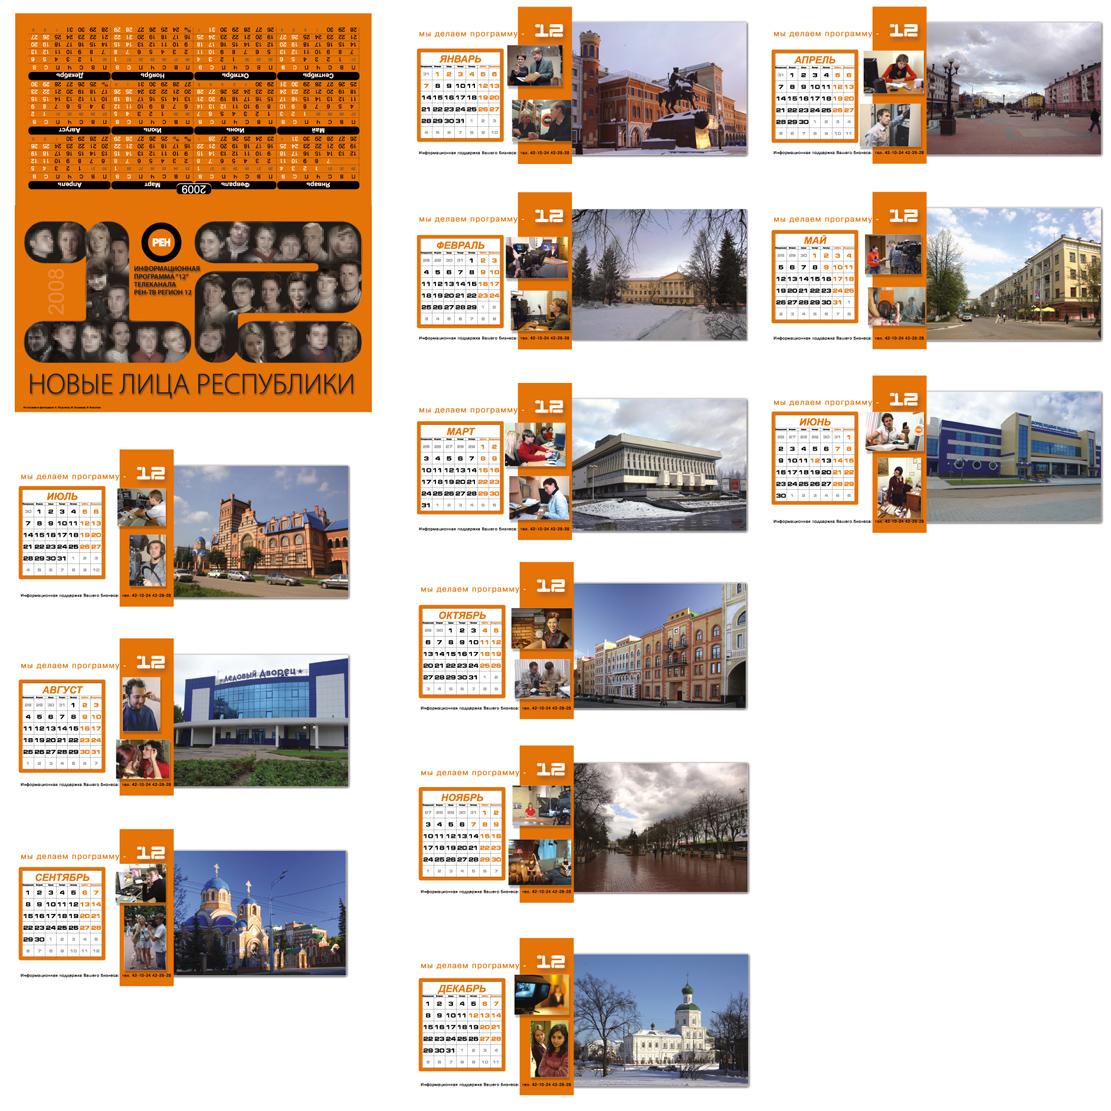 календарь перекидной (фото города мои)